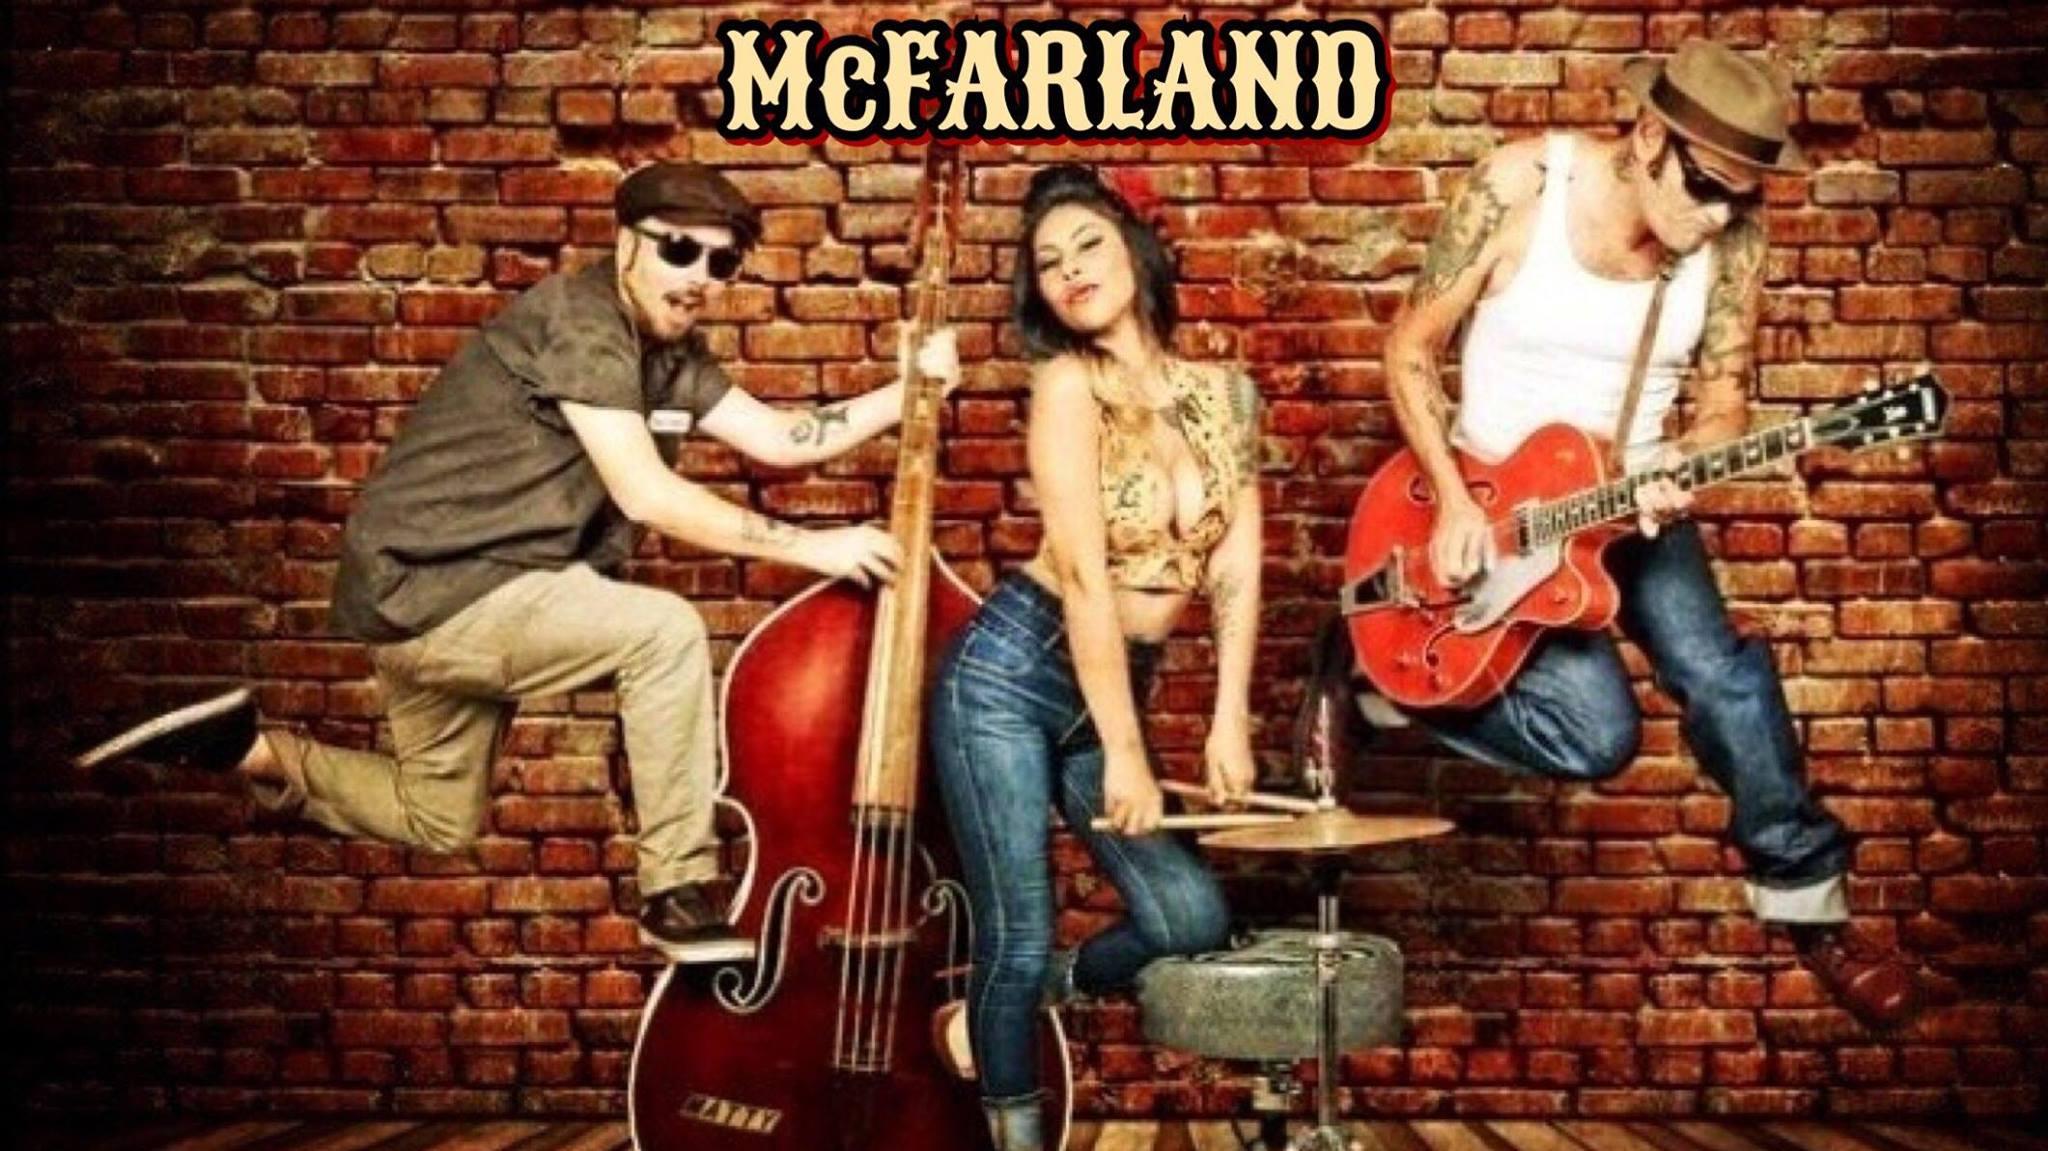 McFarland Band